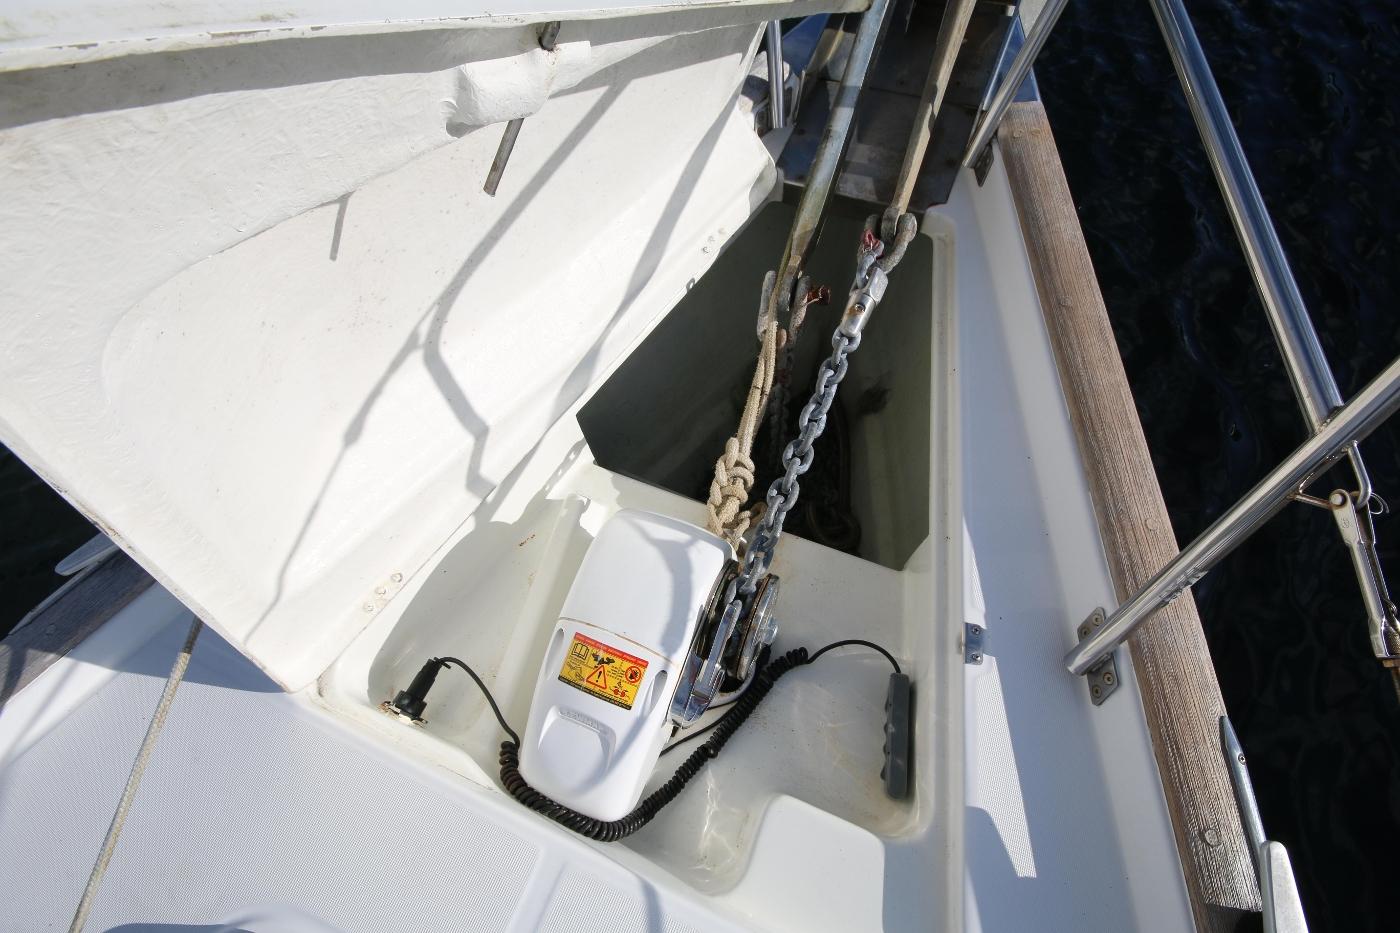 1997 Beneteau Oceanis 461, Chain locker & Windlass